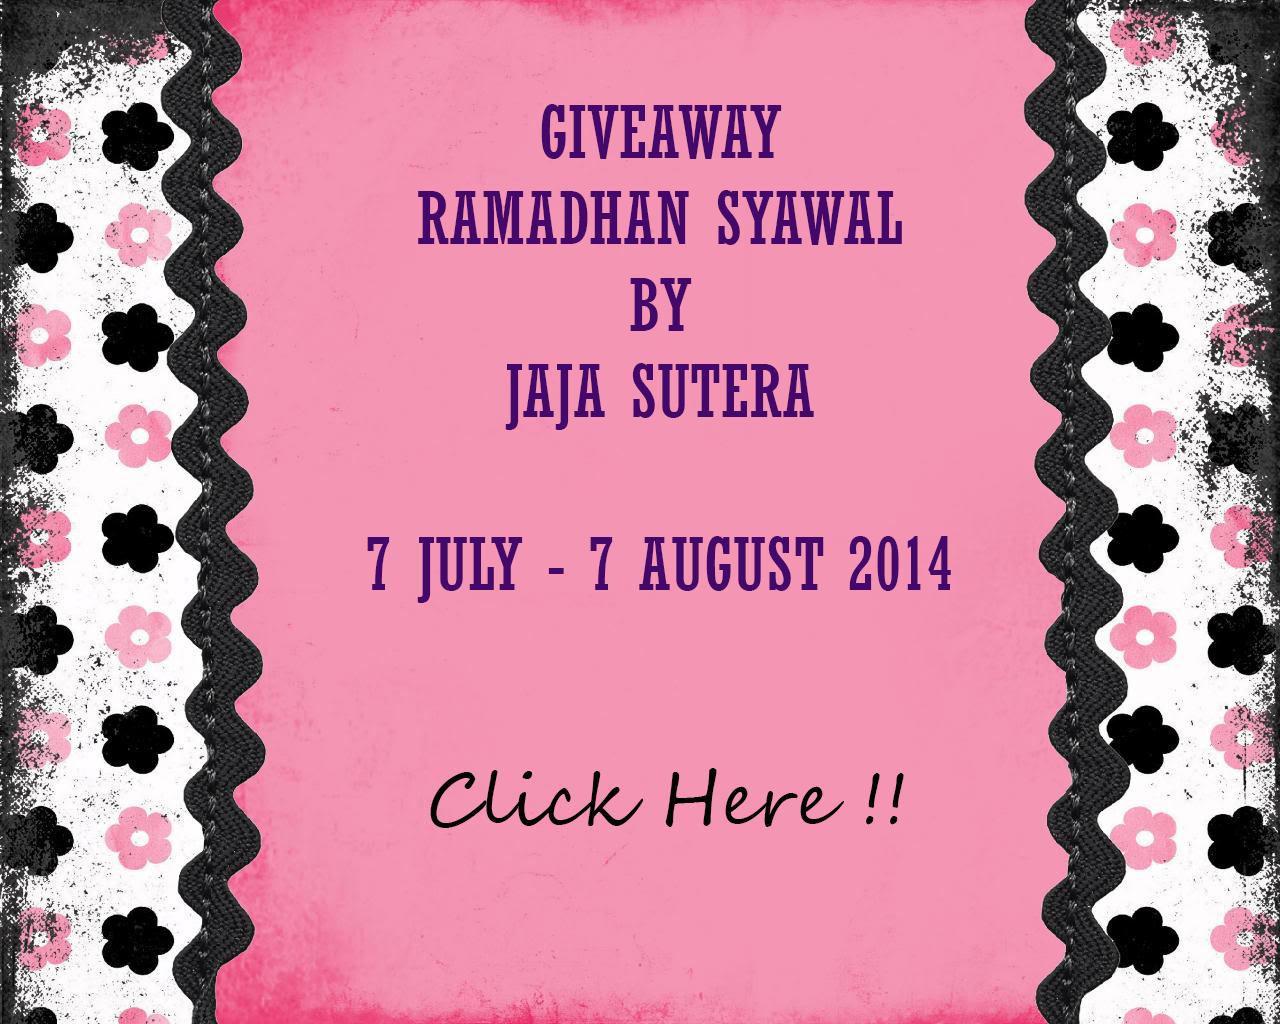 GiveAway Ramadhan Syawal by Jaja Sutera